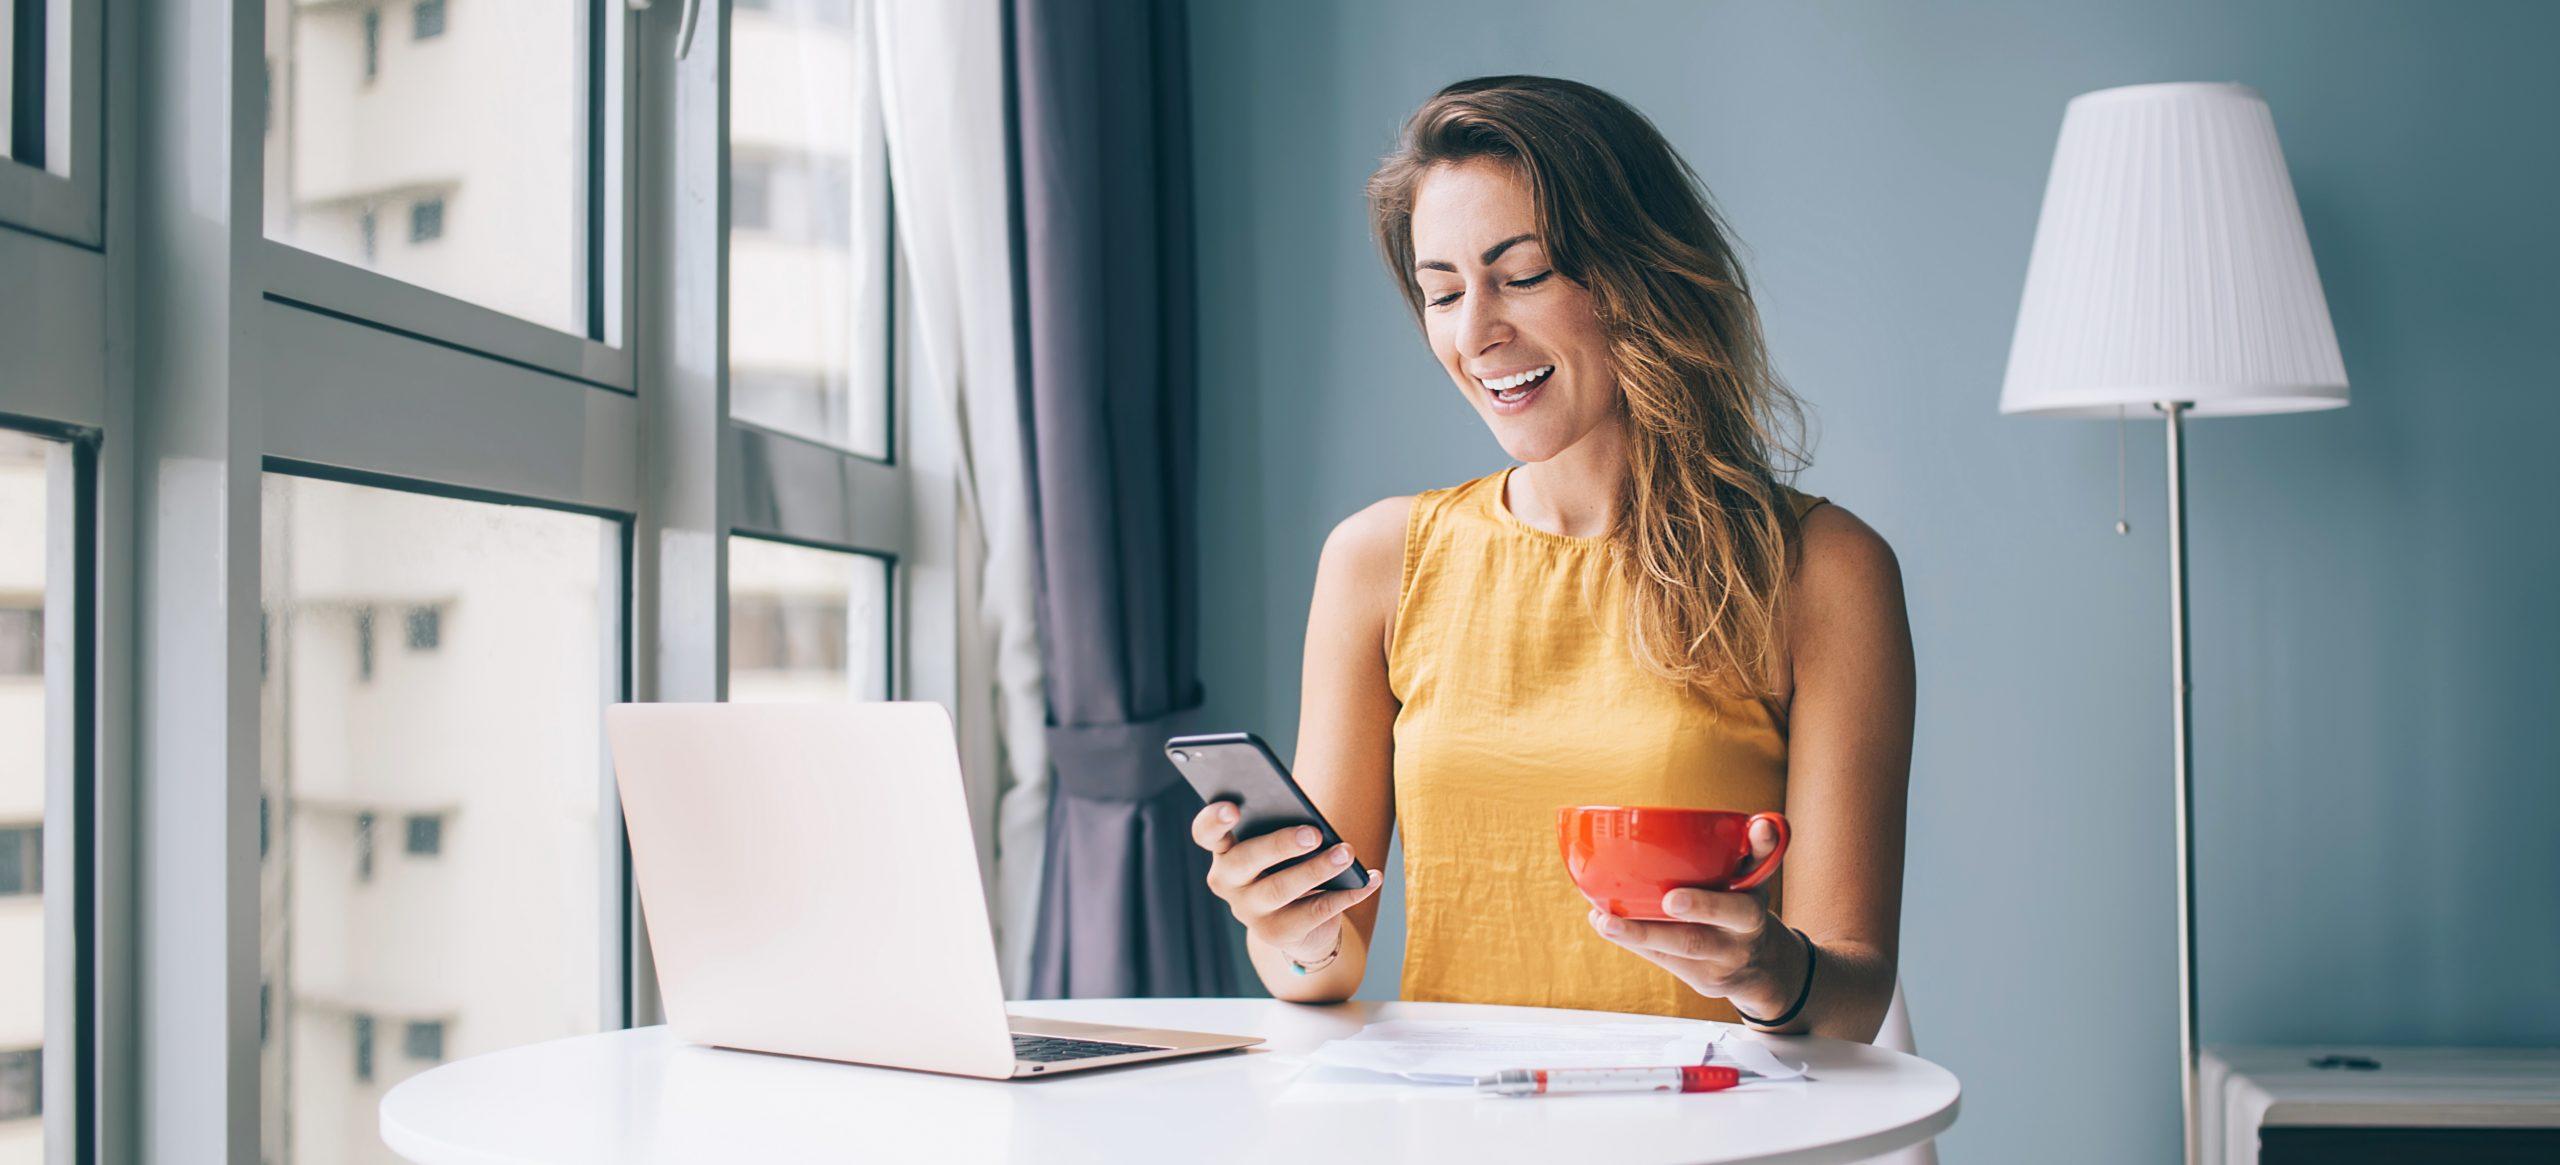 Dame schaut auf das Handy mit Caffè in der Hand, gegenüber einen Rechner